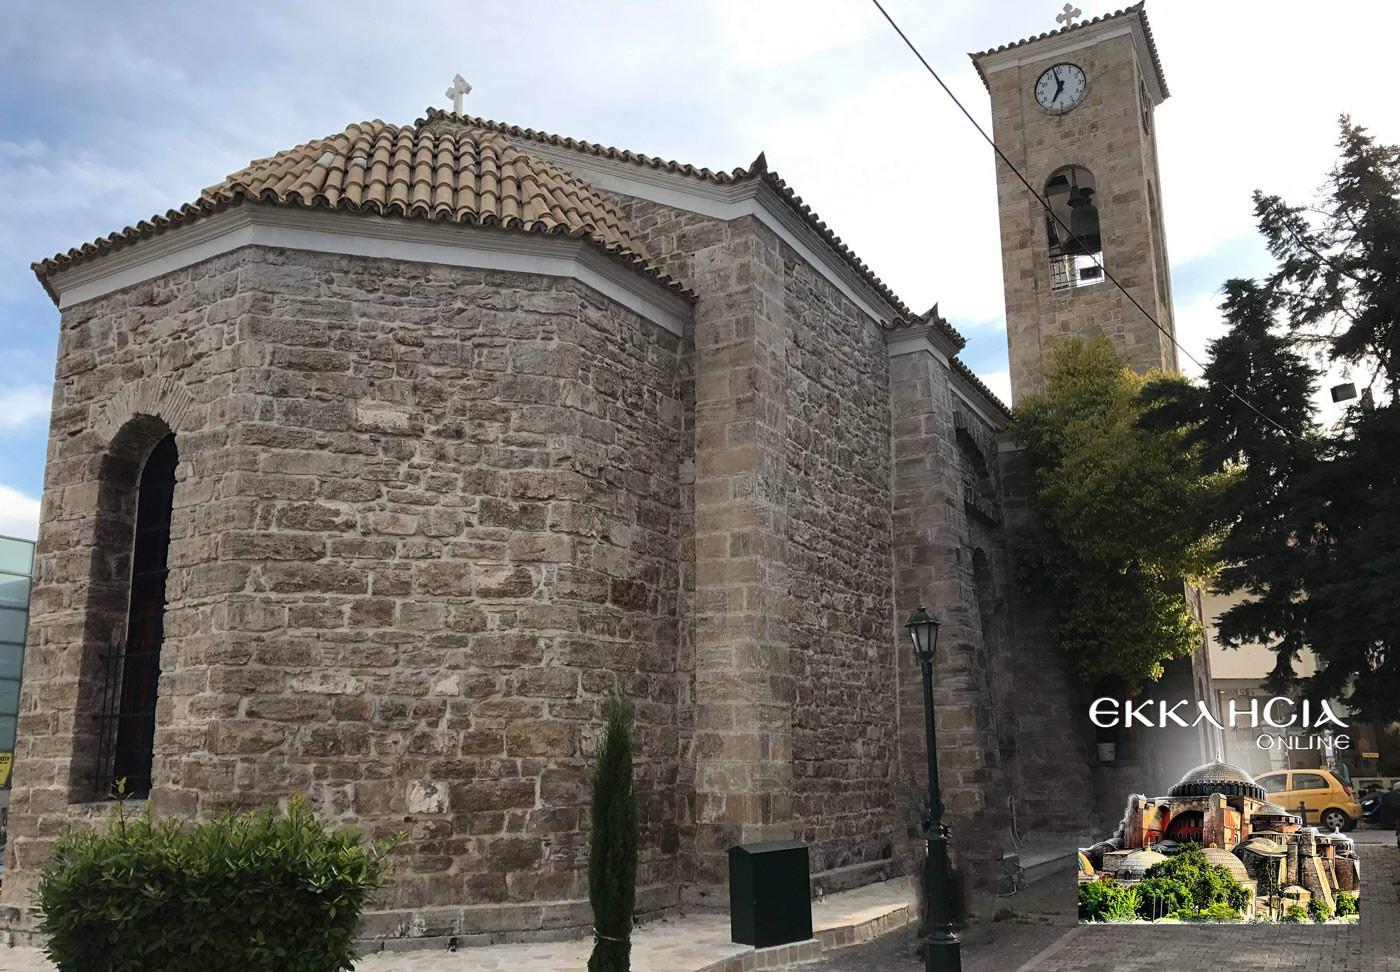 Κοίμηση της Θεοτόκου Παλλήνη 2019